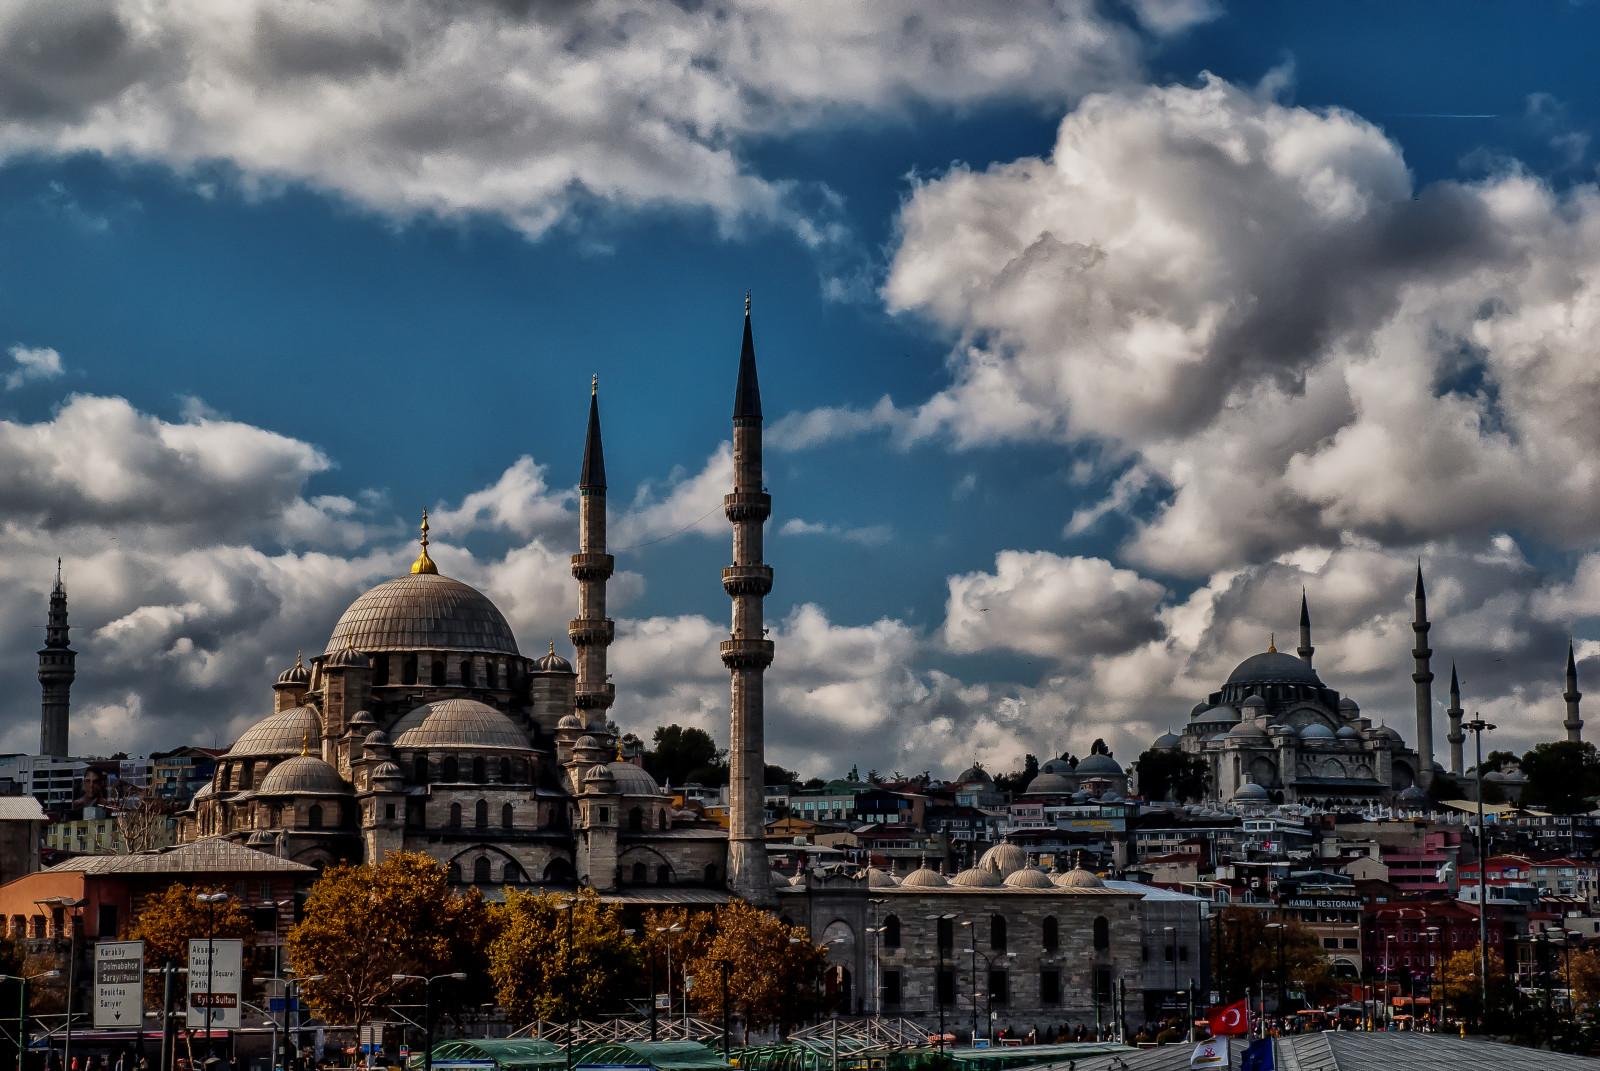 Wallpaper : Turkey, Istanbul 3785x2534 - - 969497 - HD ...